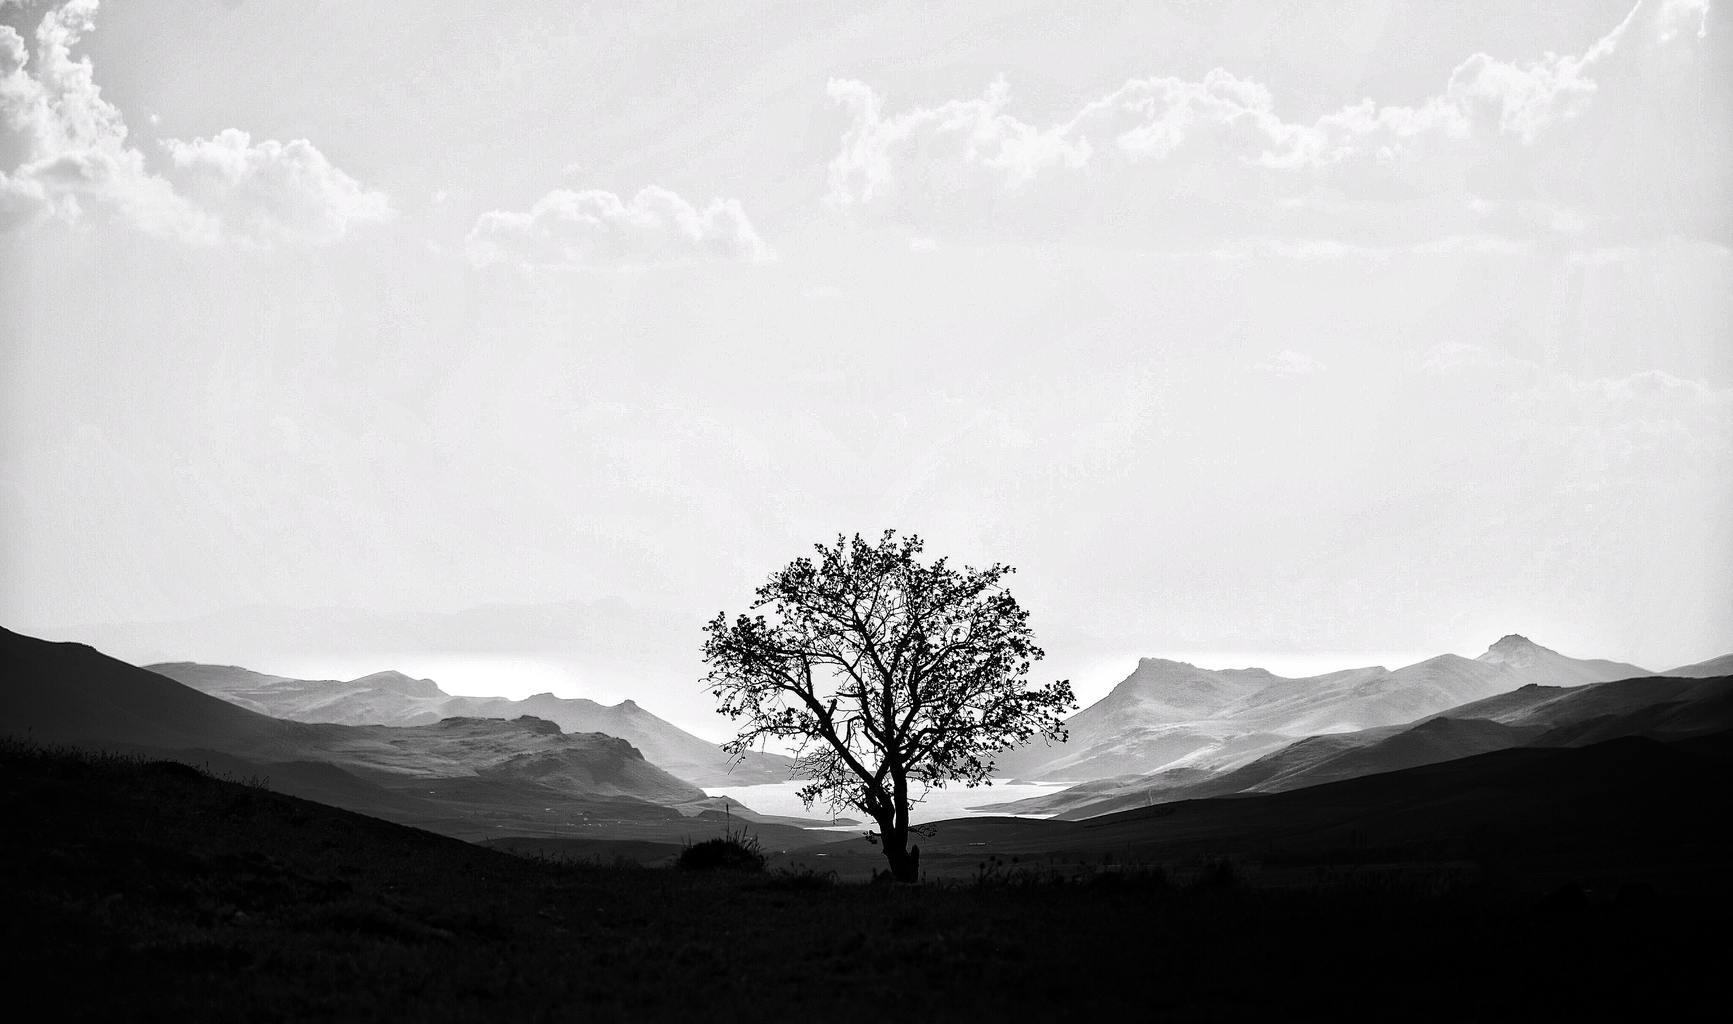 черно-белый пейзаж с деревом и горами